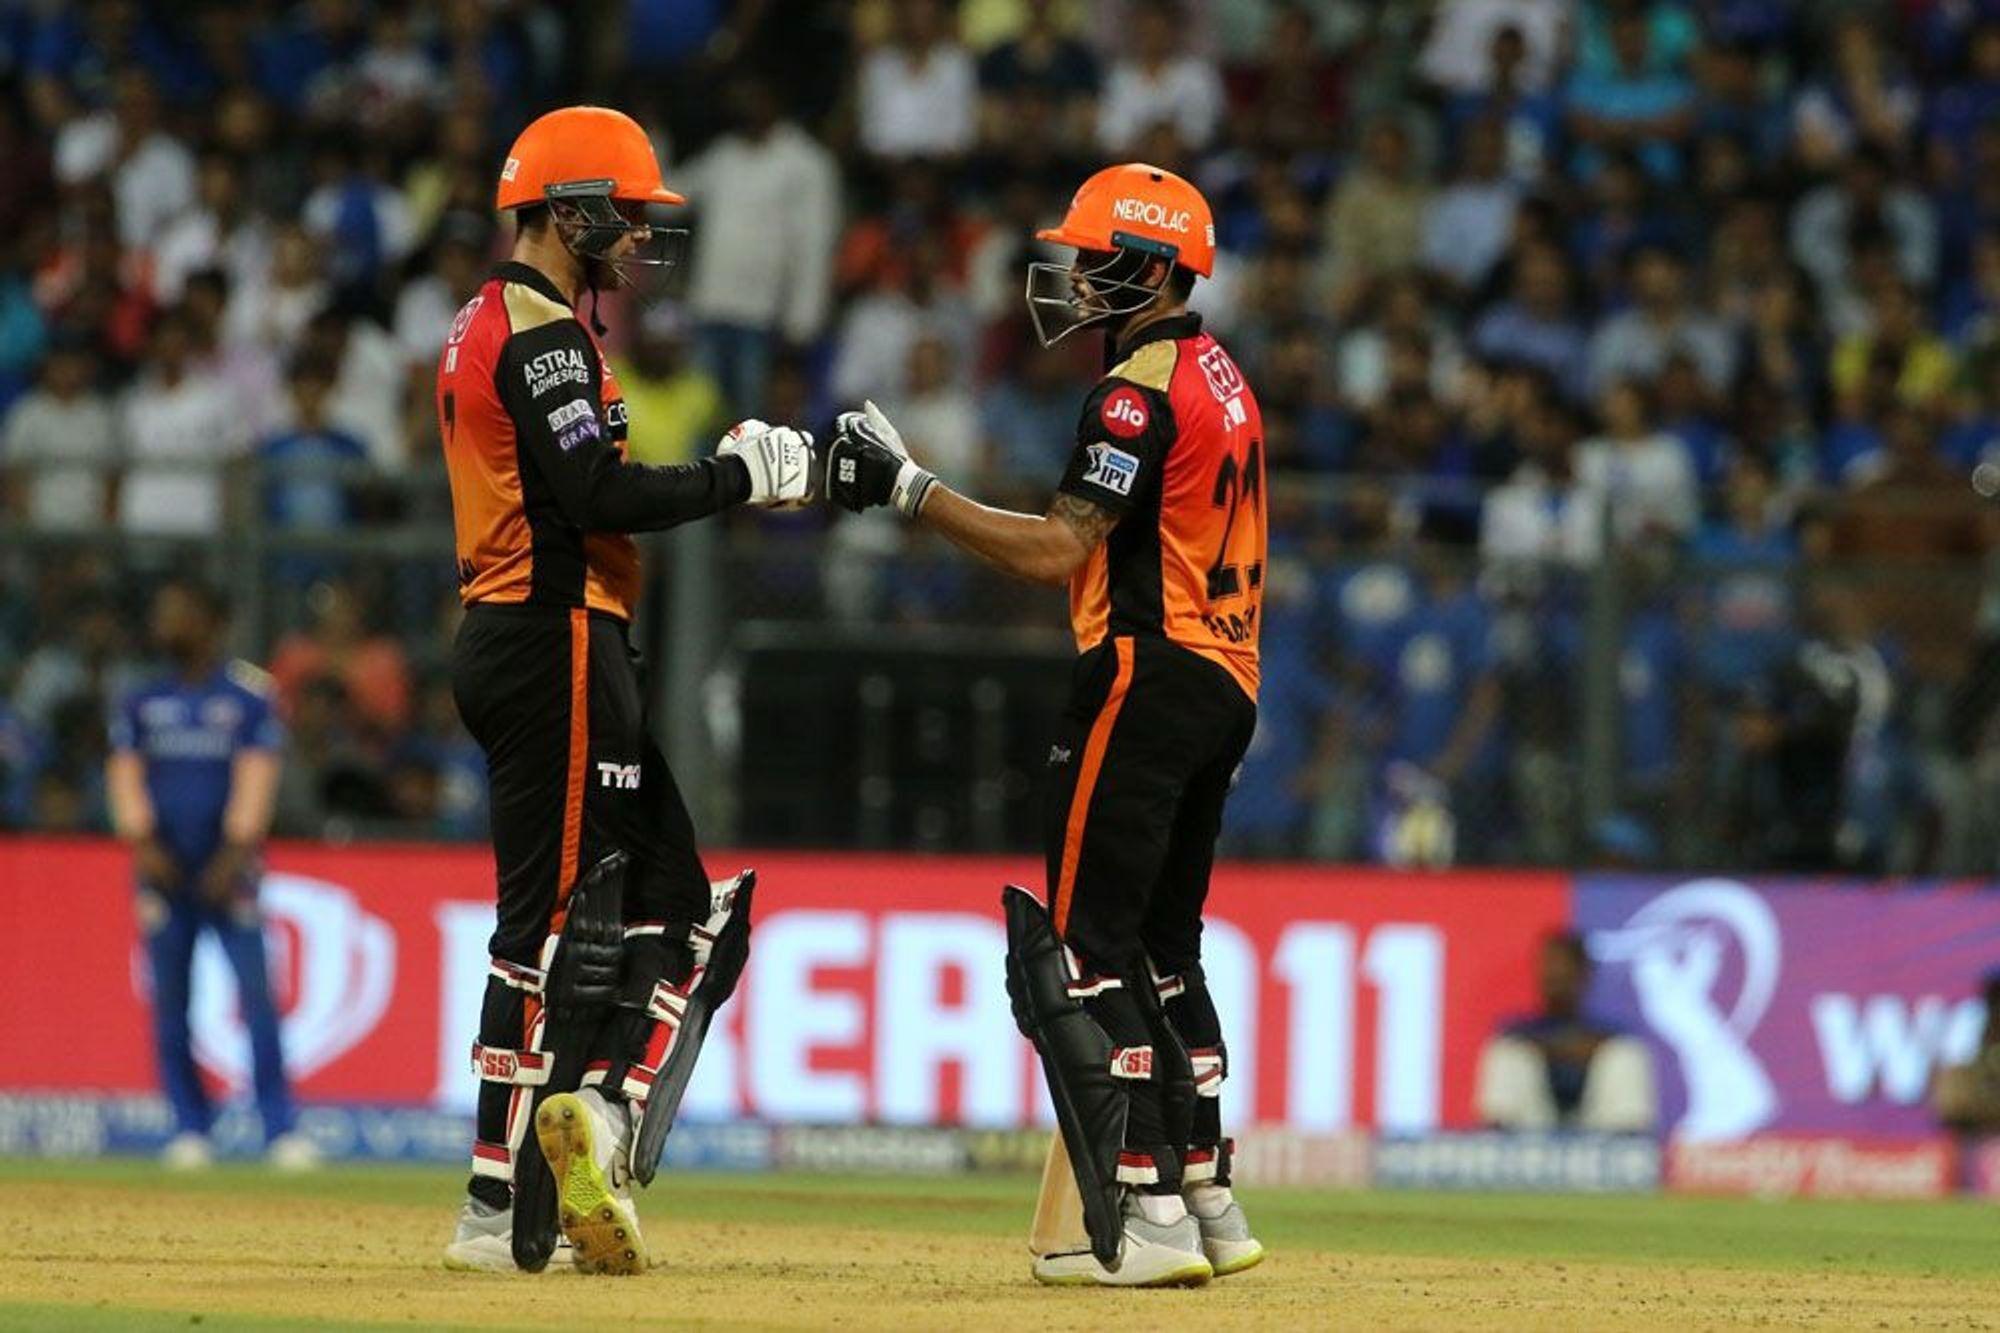 मुंबई से मिली हार के बाद हैदराबाद की टीम के इस खिलाड़ी की तारीफों के पुल बांधते हुए नजर आये नबी, बुमराह को लेकर भी दिया बड़ा बयान 1